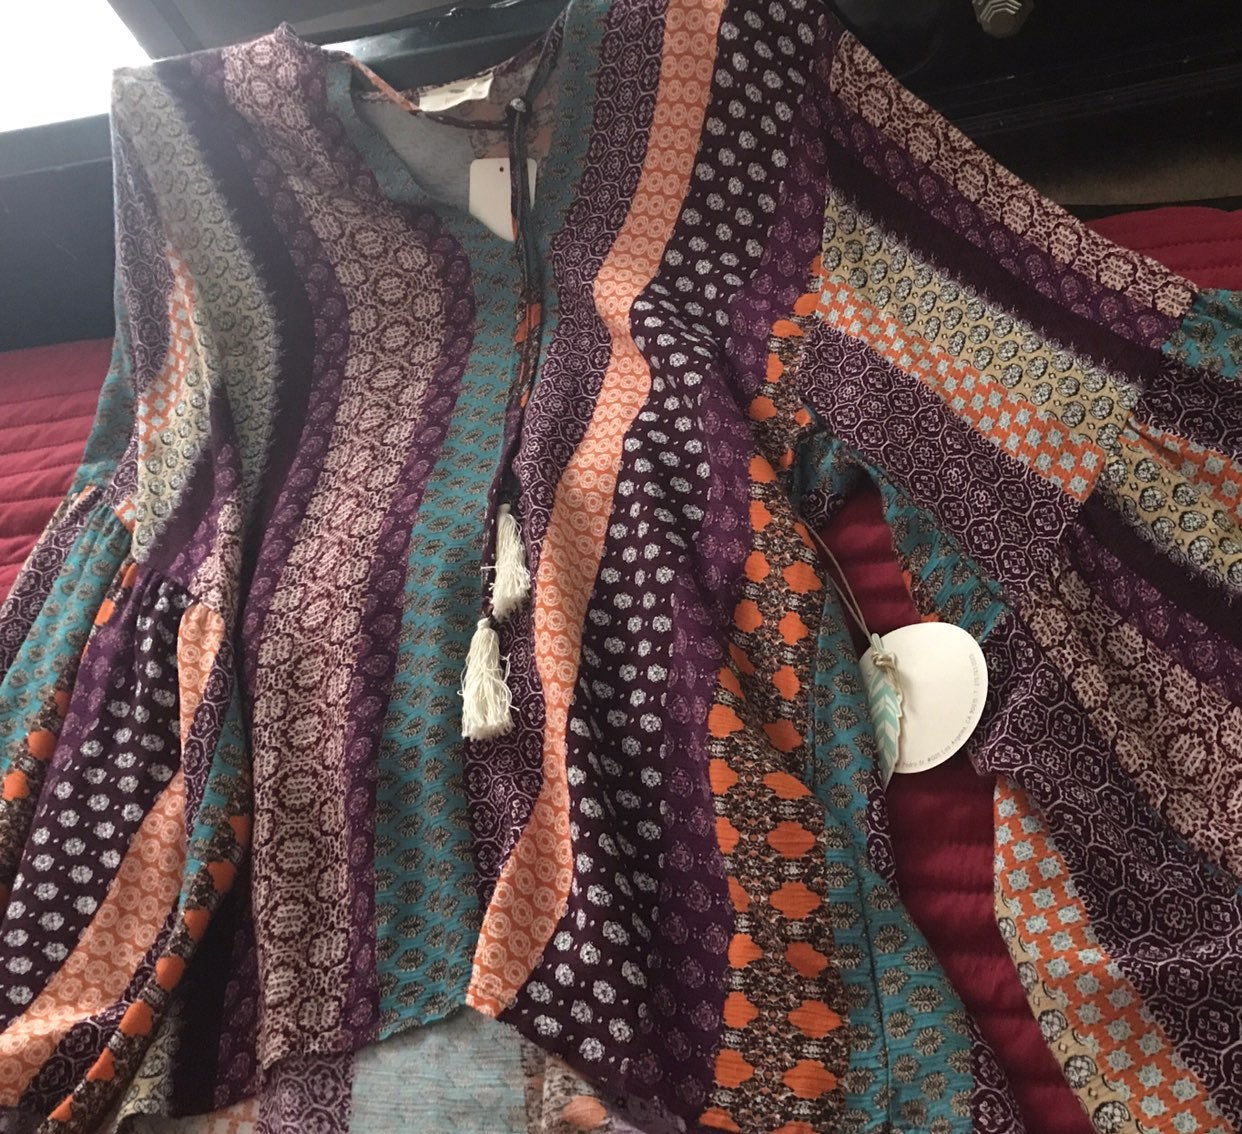 Ladies Boho Style Blouse Flowing Sleeves